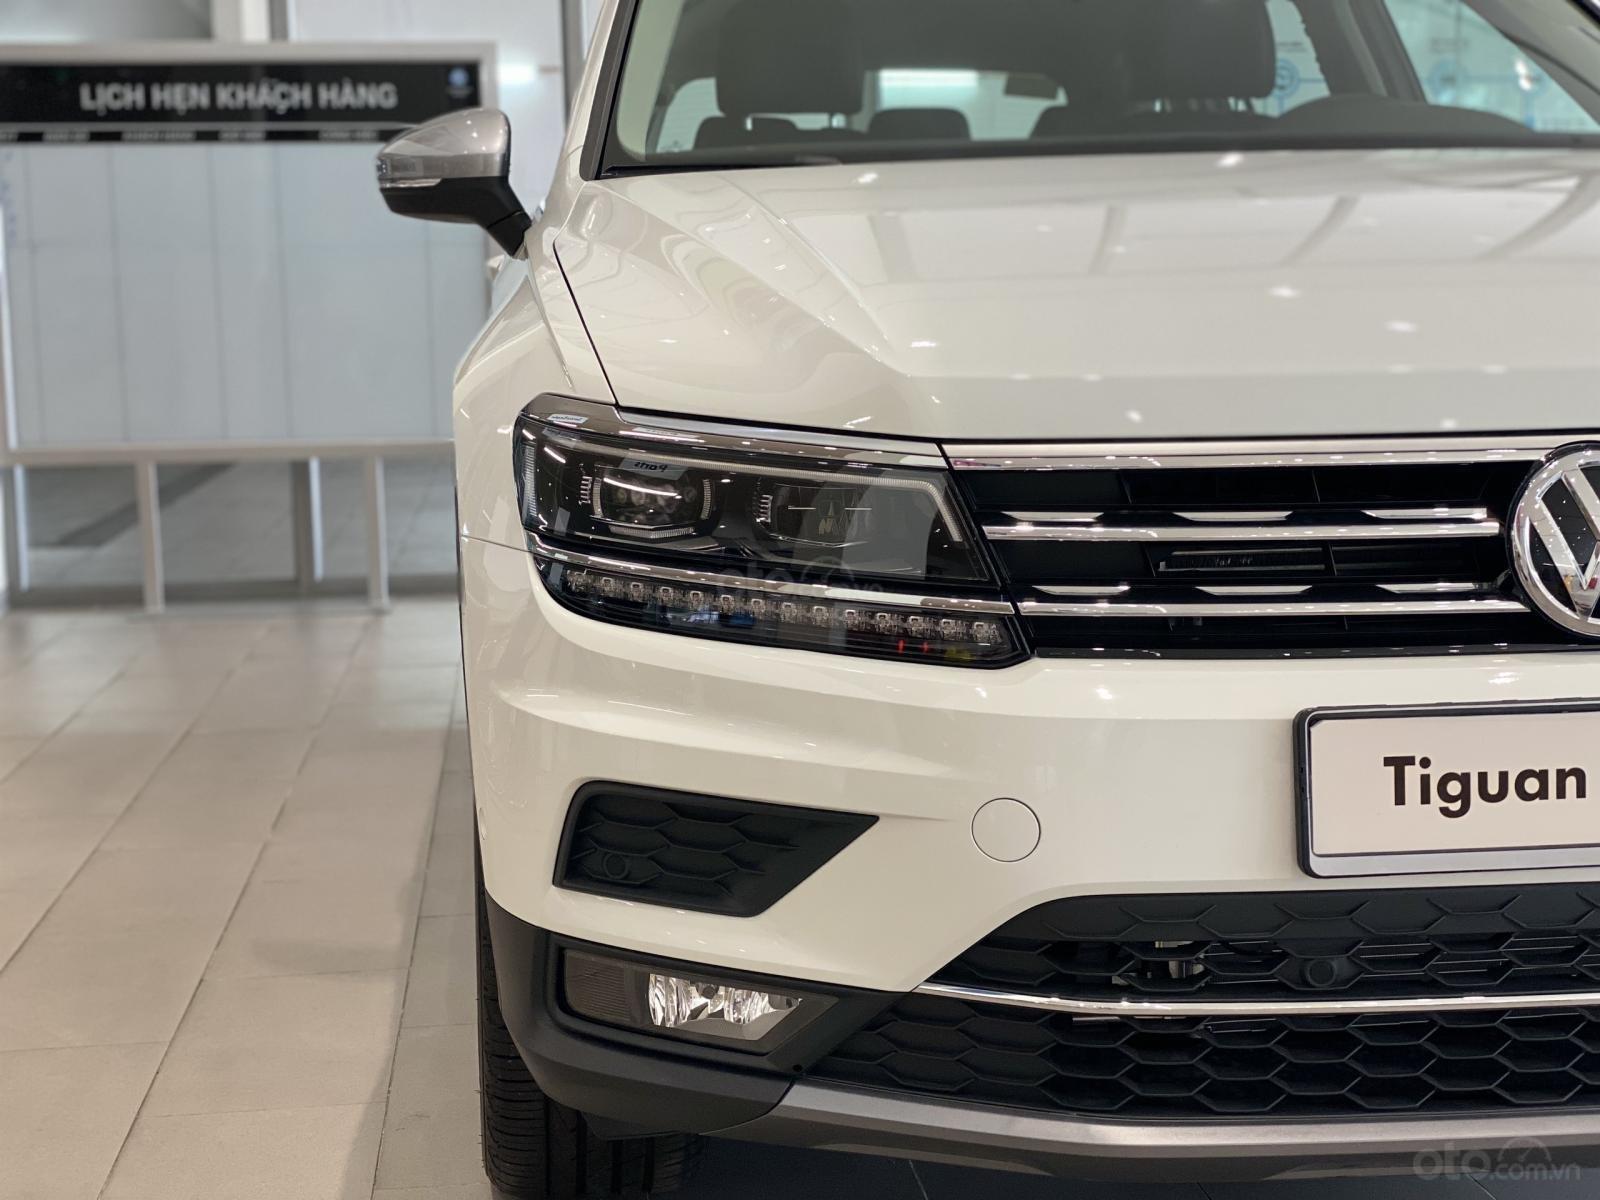 Volkswagen Tiguan Luxury Topline màu trắng, nâng cấp sang trọng - SUV 7 chỗ nhập khẩu - KM tháng ngâu lên đến 170 triệu (4)